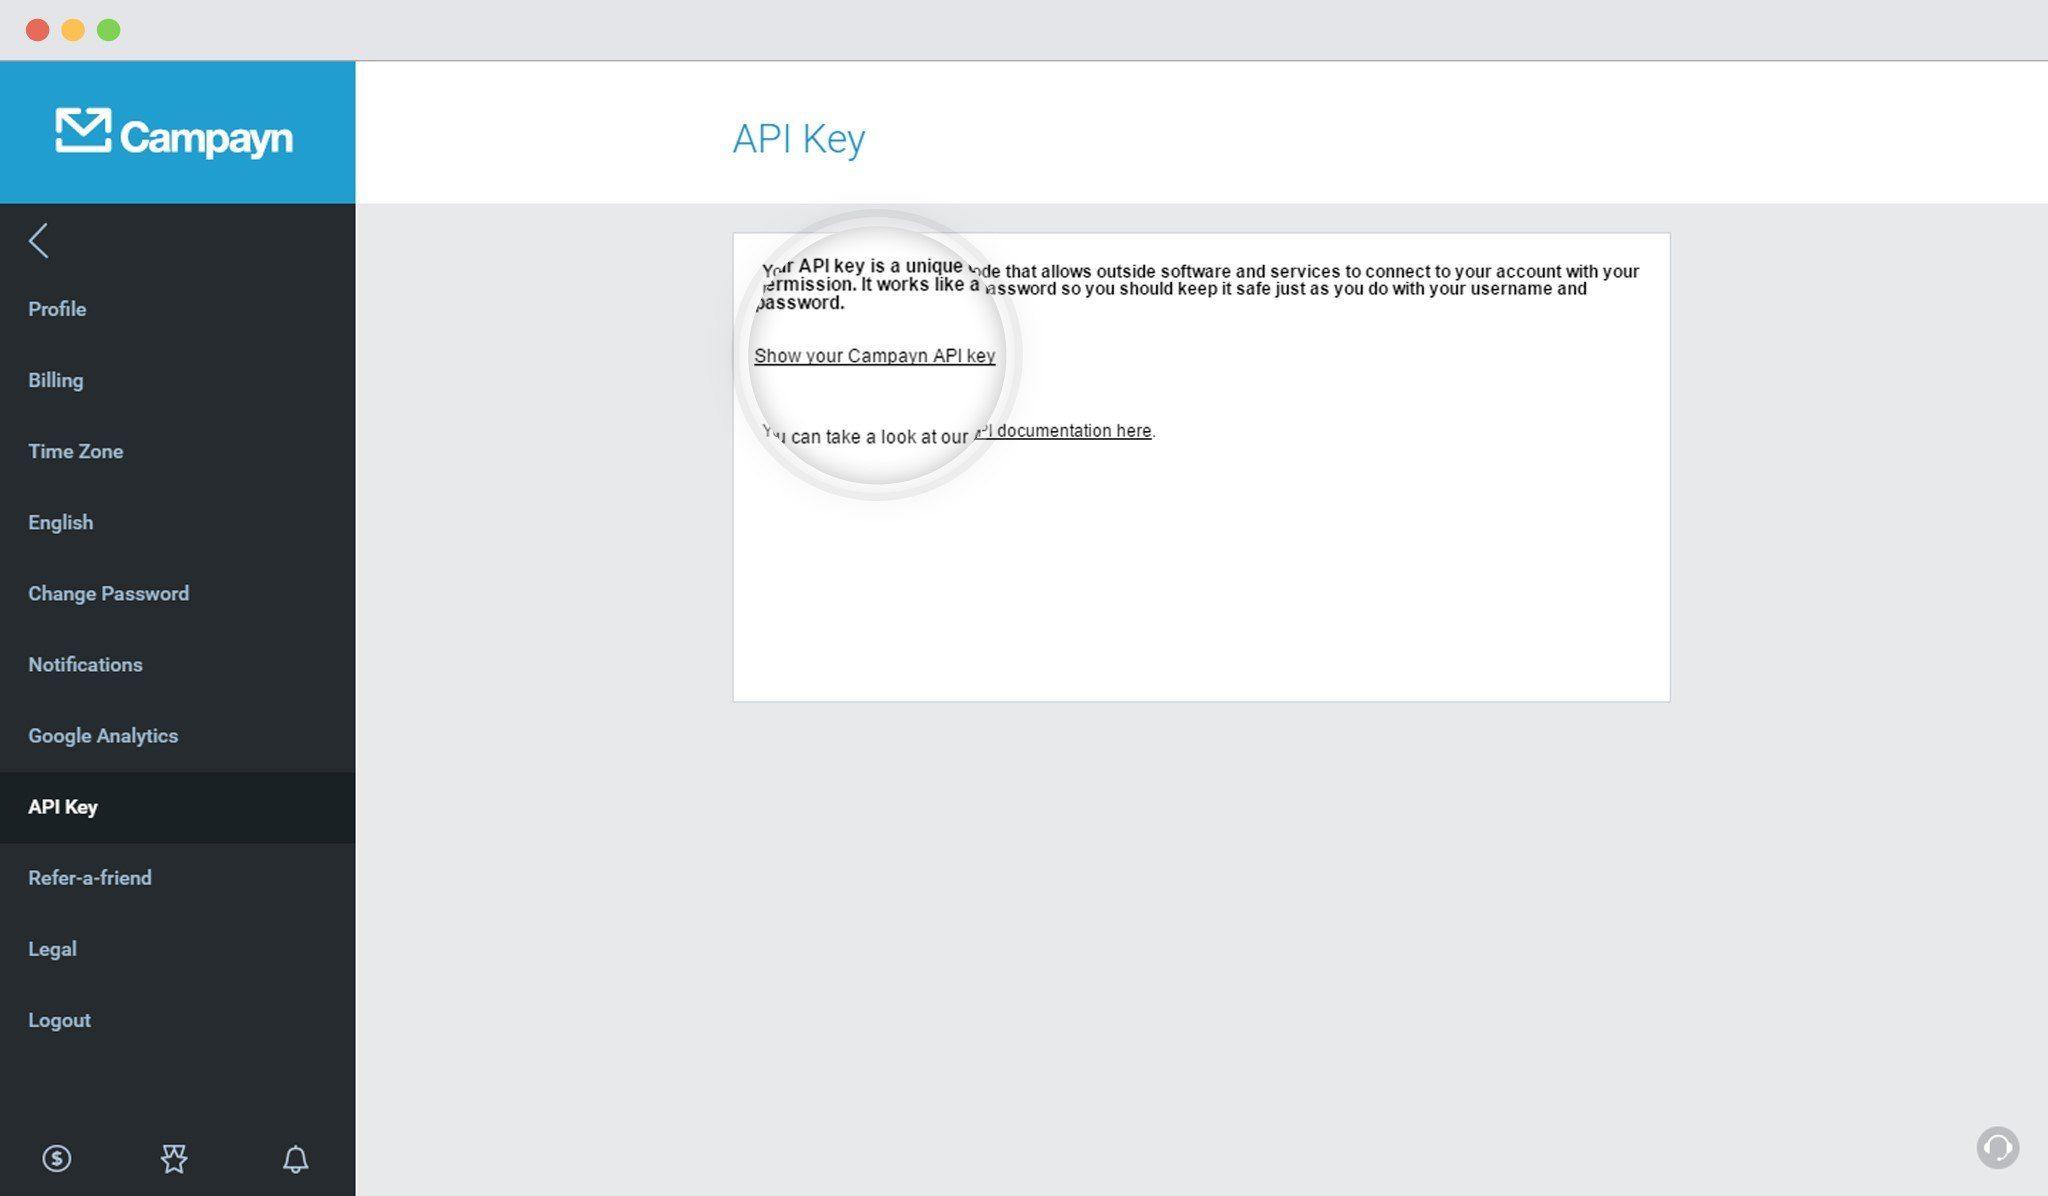 Show Campayn API Key